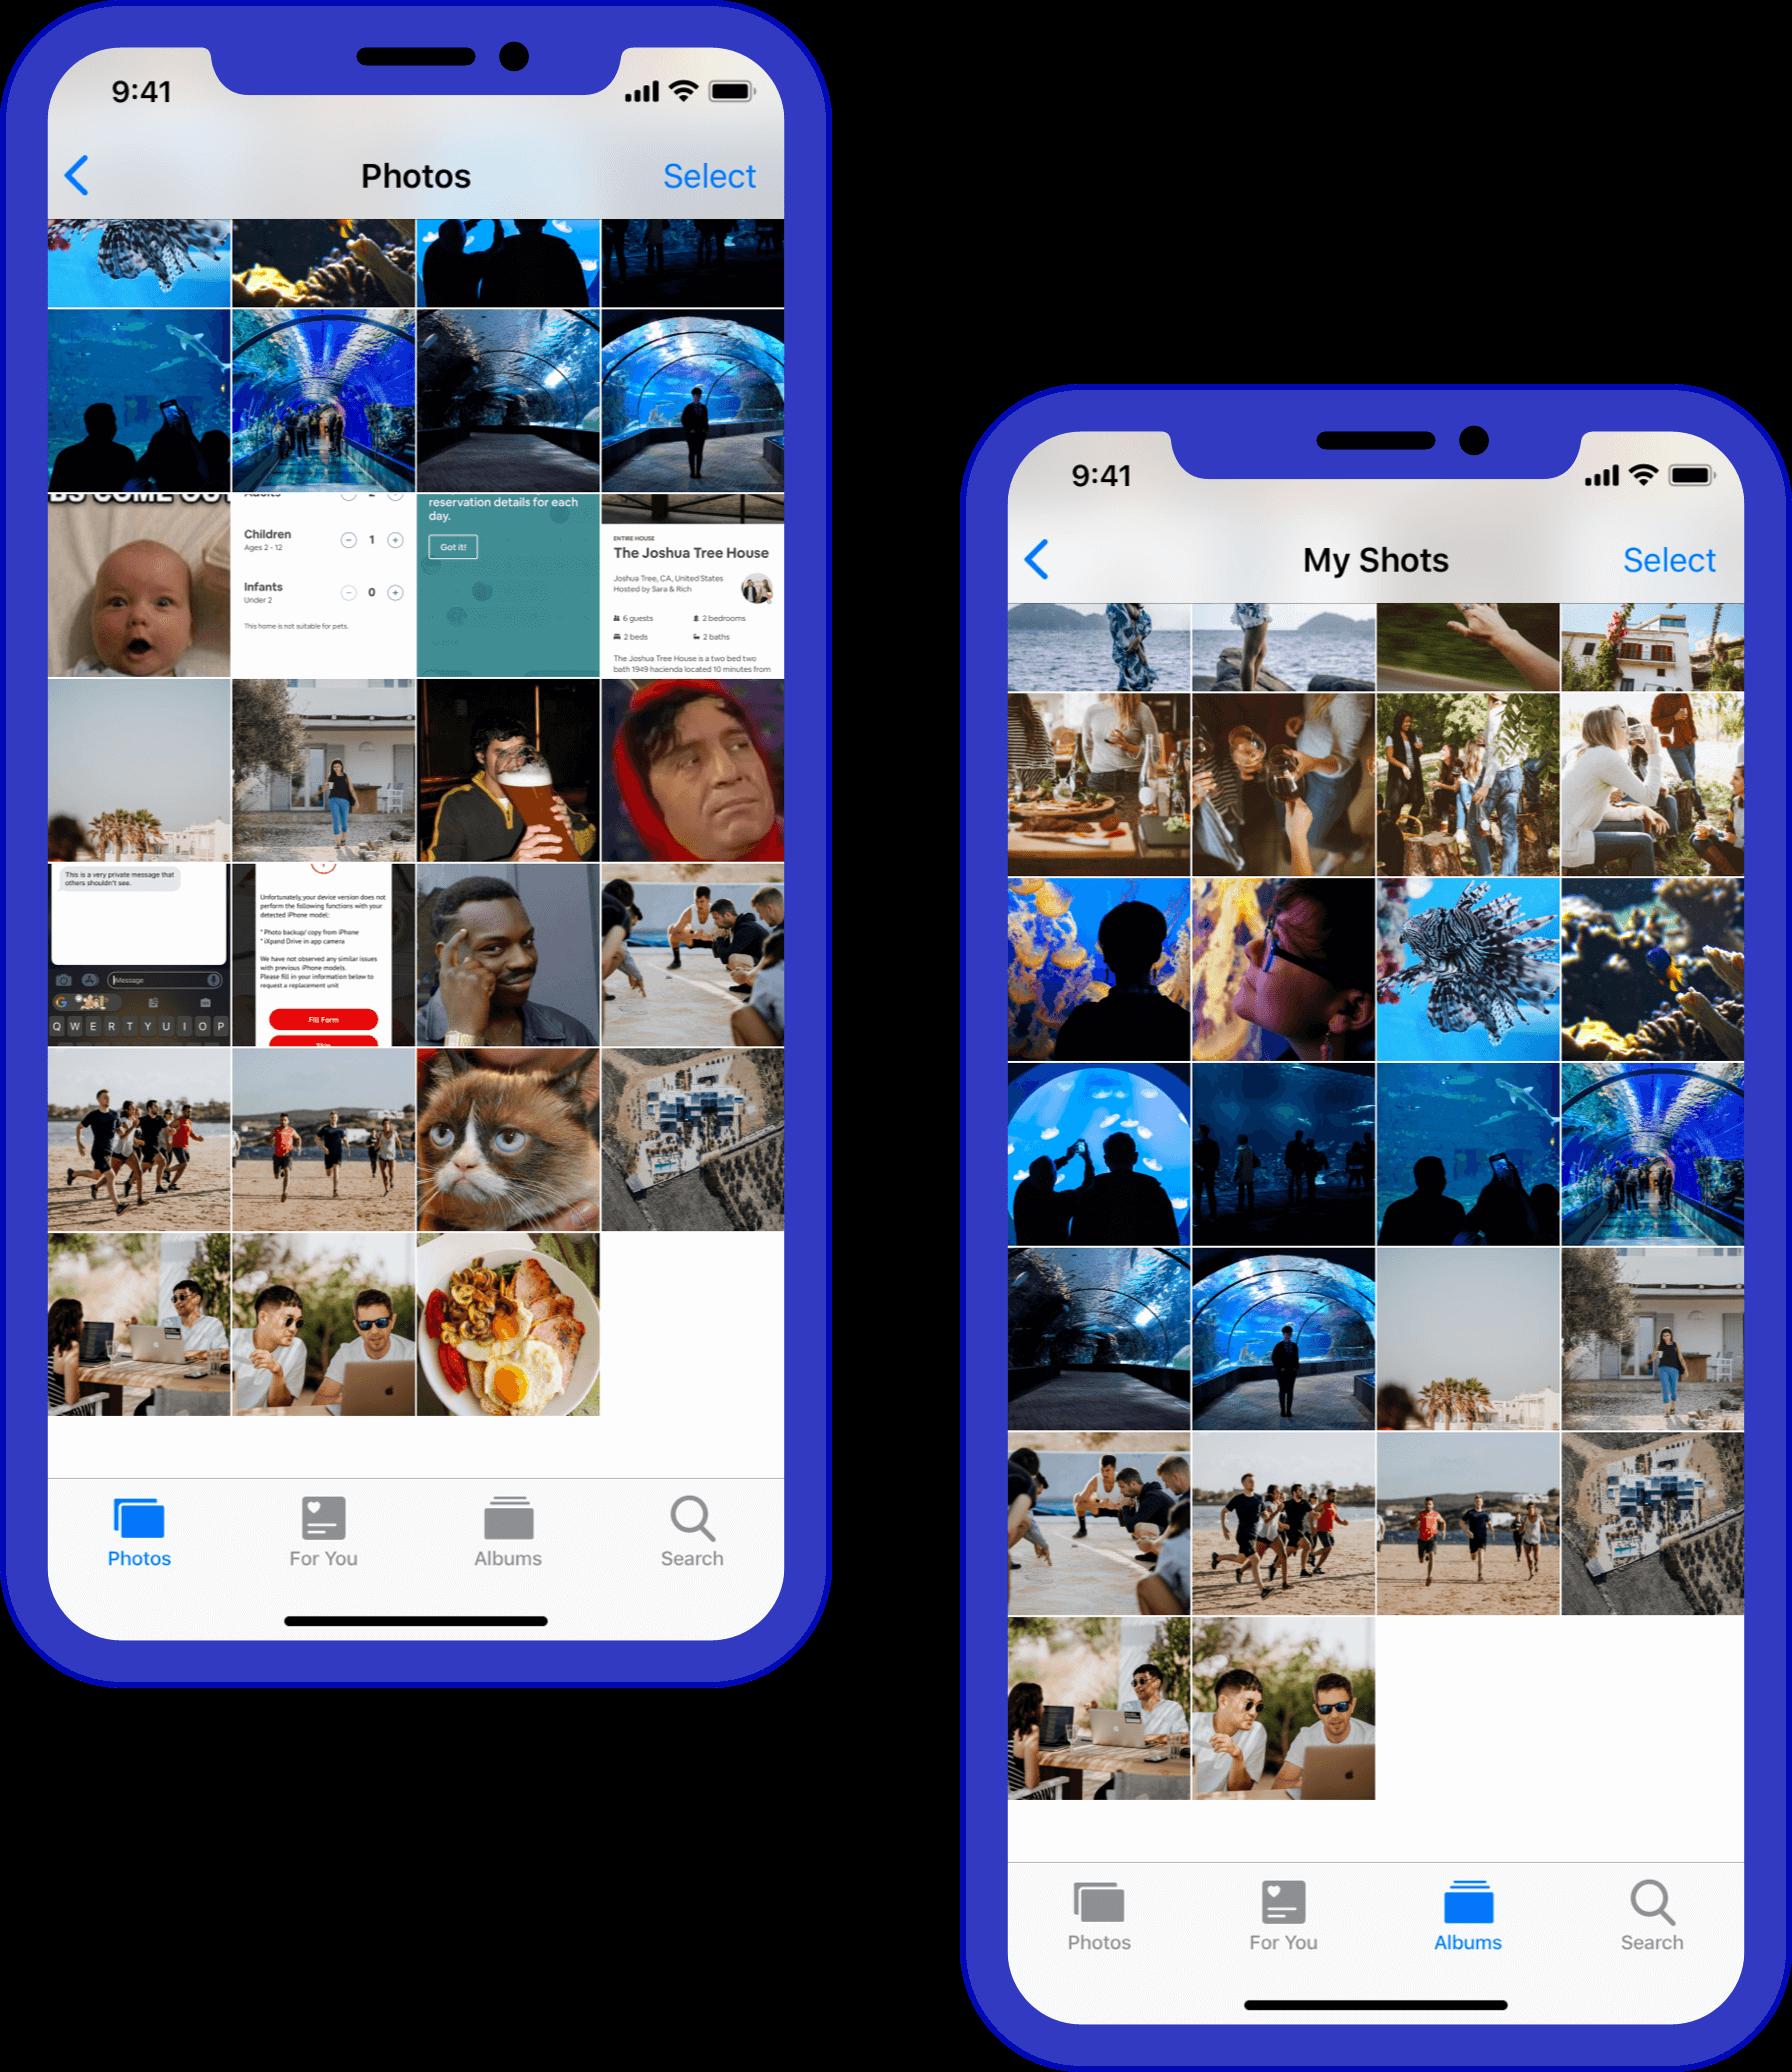 Simulação de dois iPhones: um com o rolo da câmera bagunçado e outro com o álbum mostrando apenas as fotos tiradas naquele telefone.